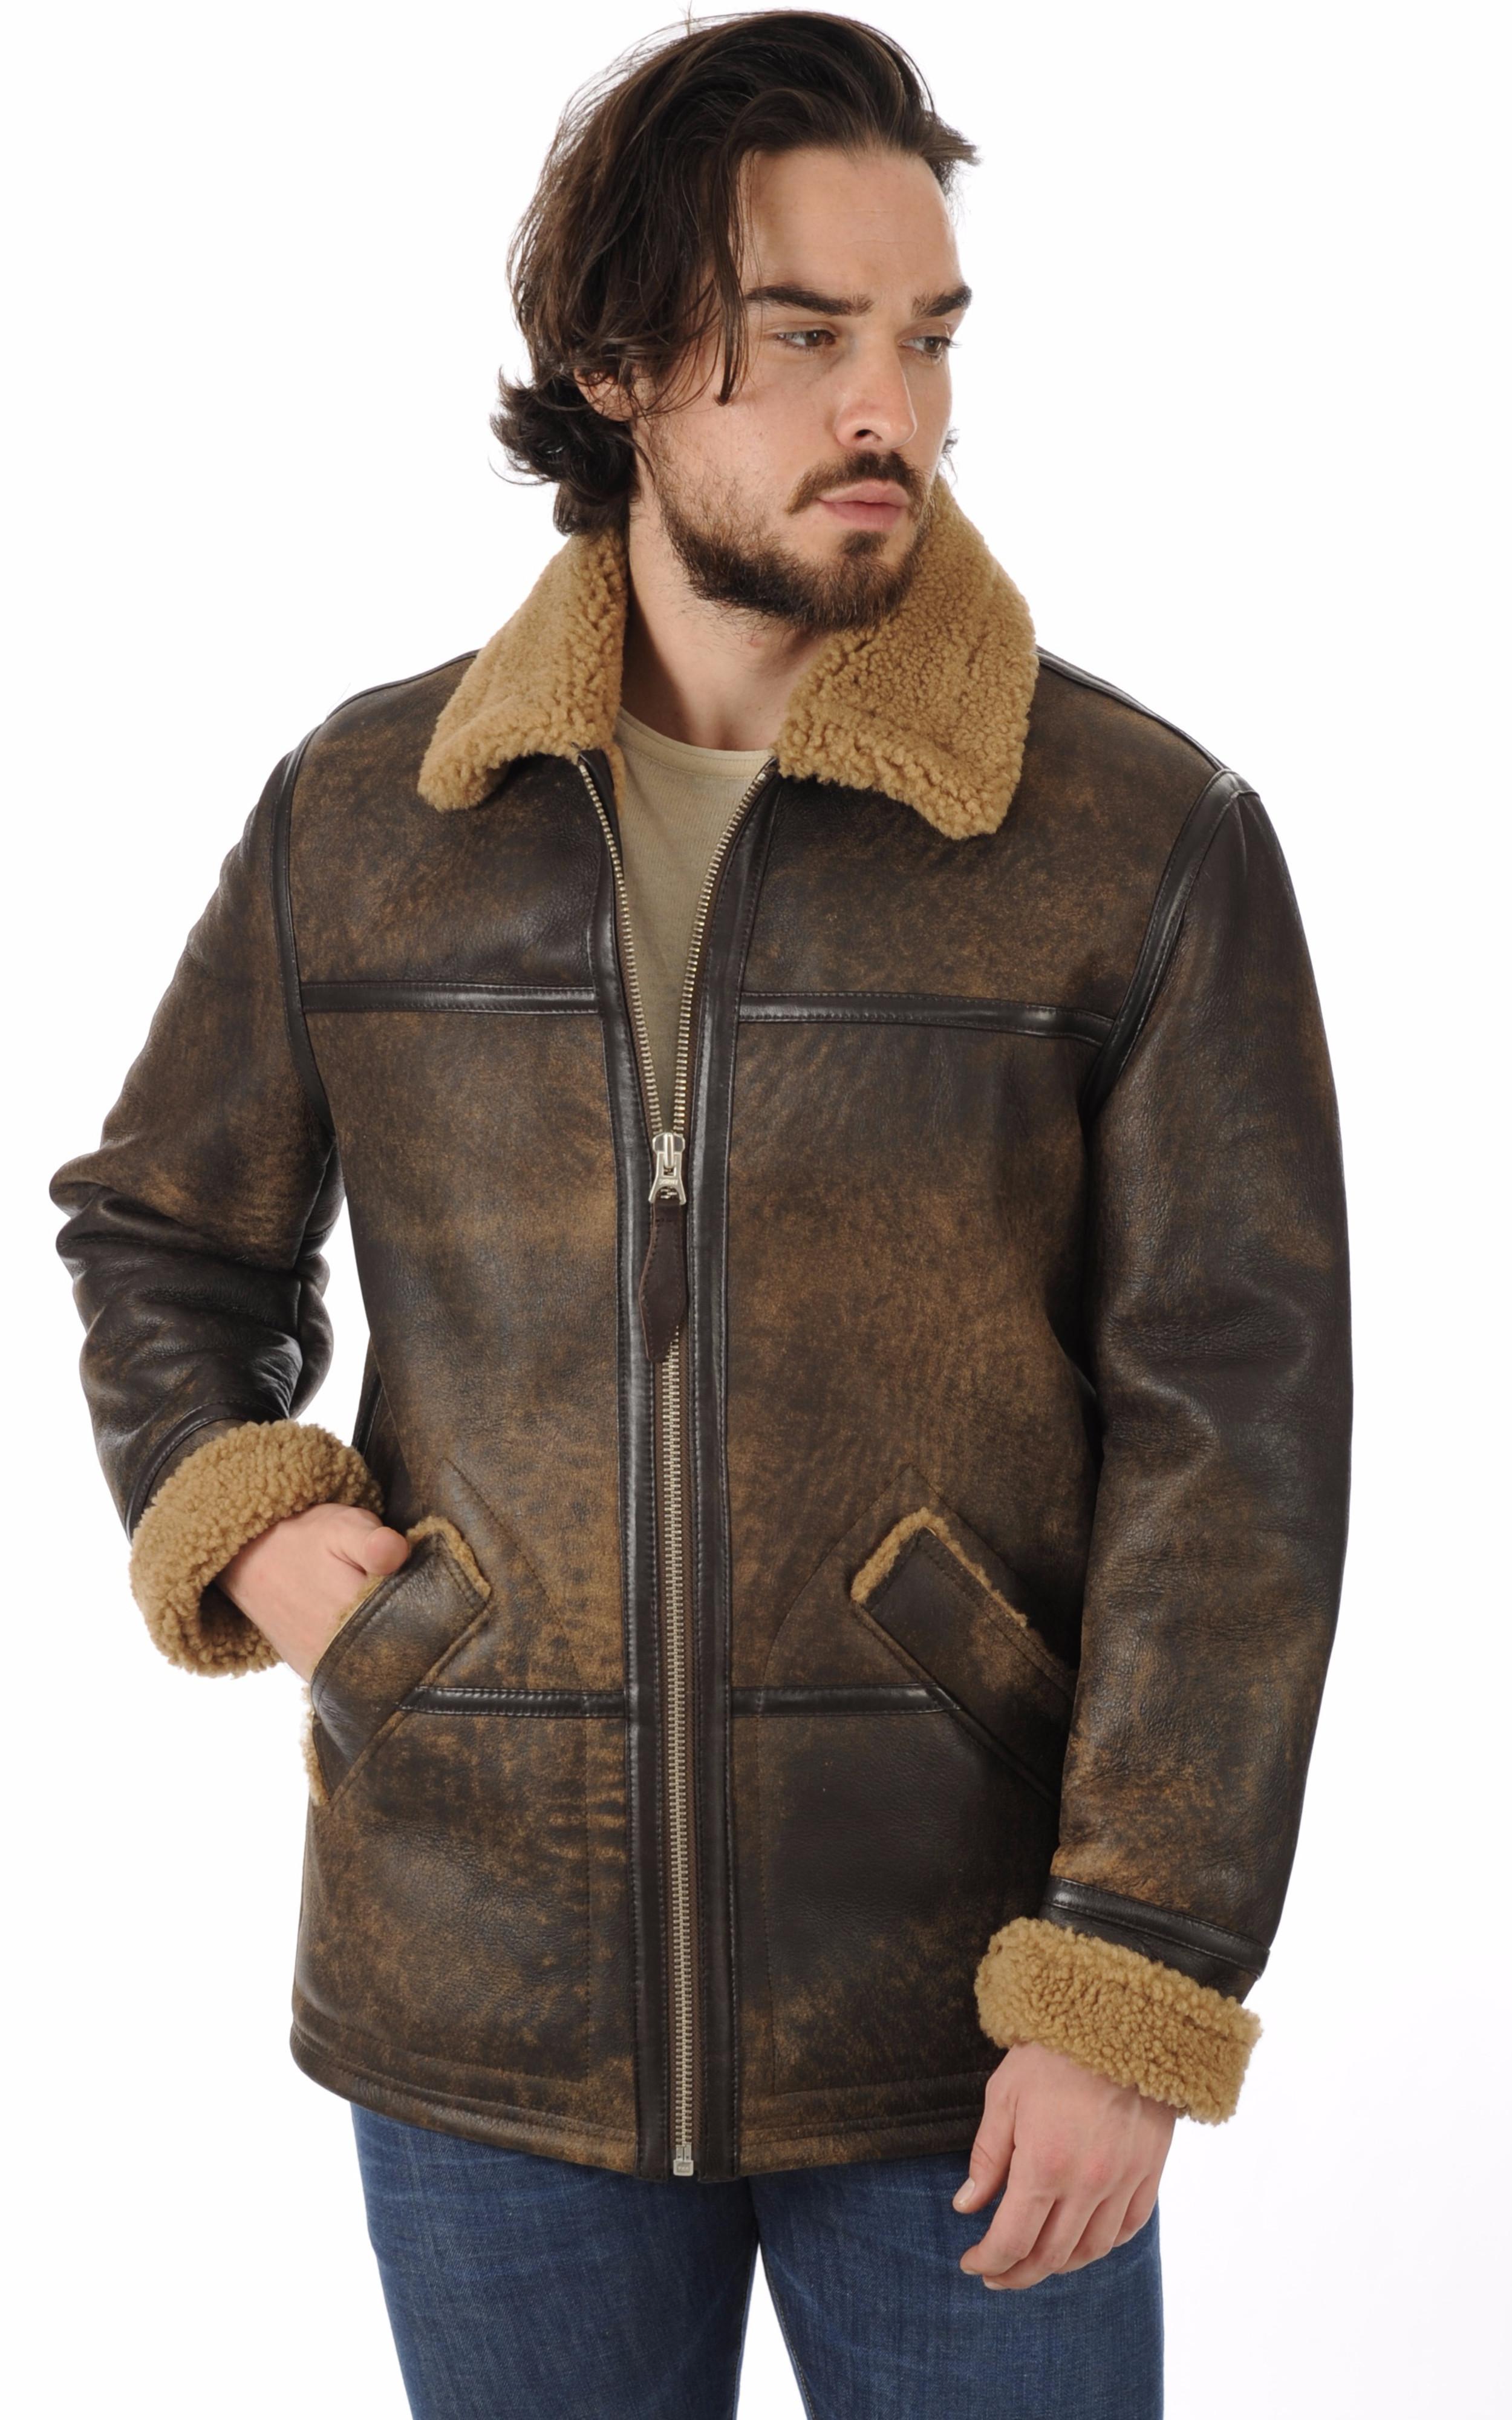 bombardier mouton lc8000 marron schott la canadienne blouson peau lain e marron. Black Bedroom Furniture Sets. Home Design Ideas